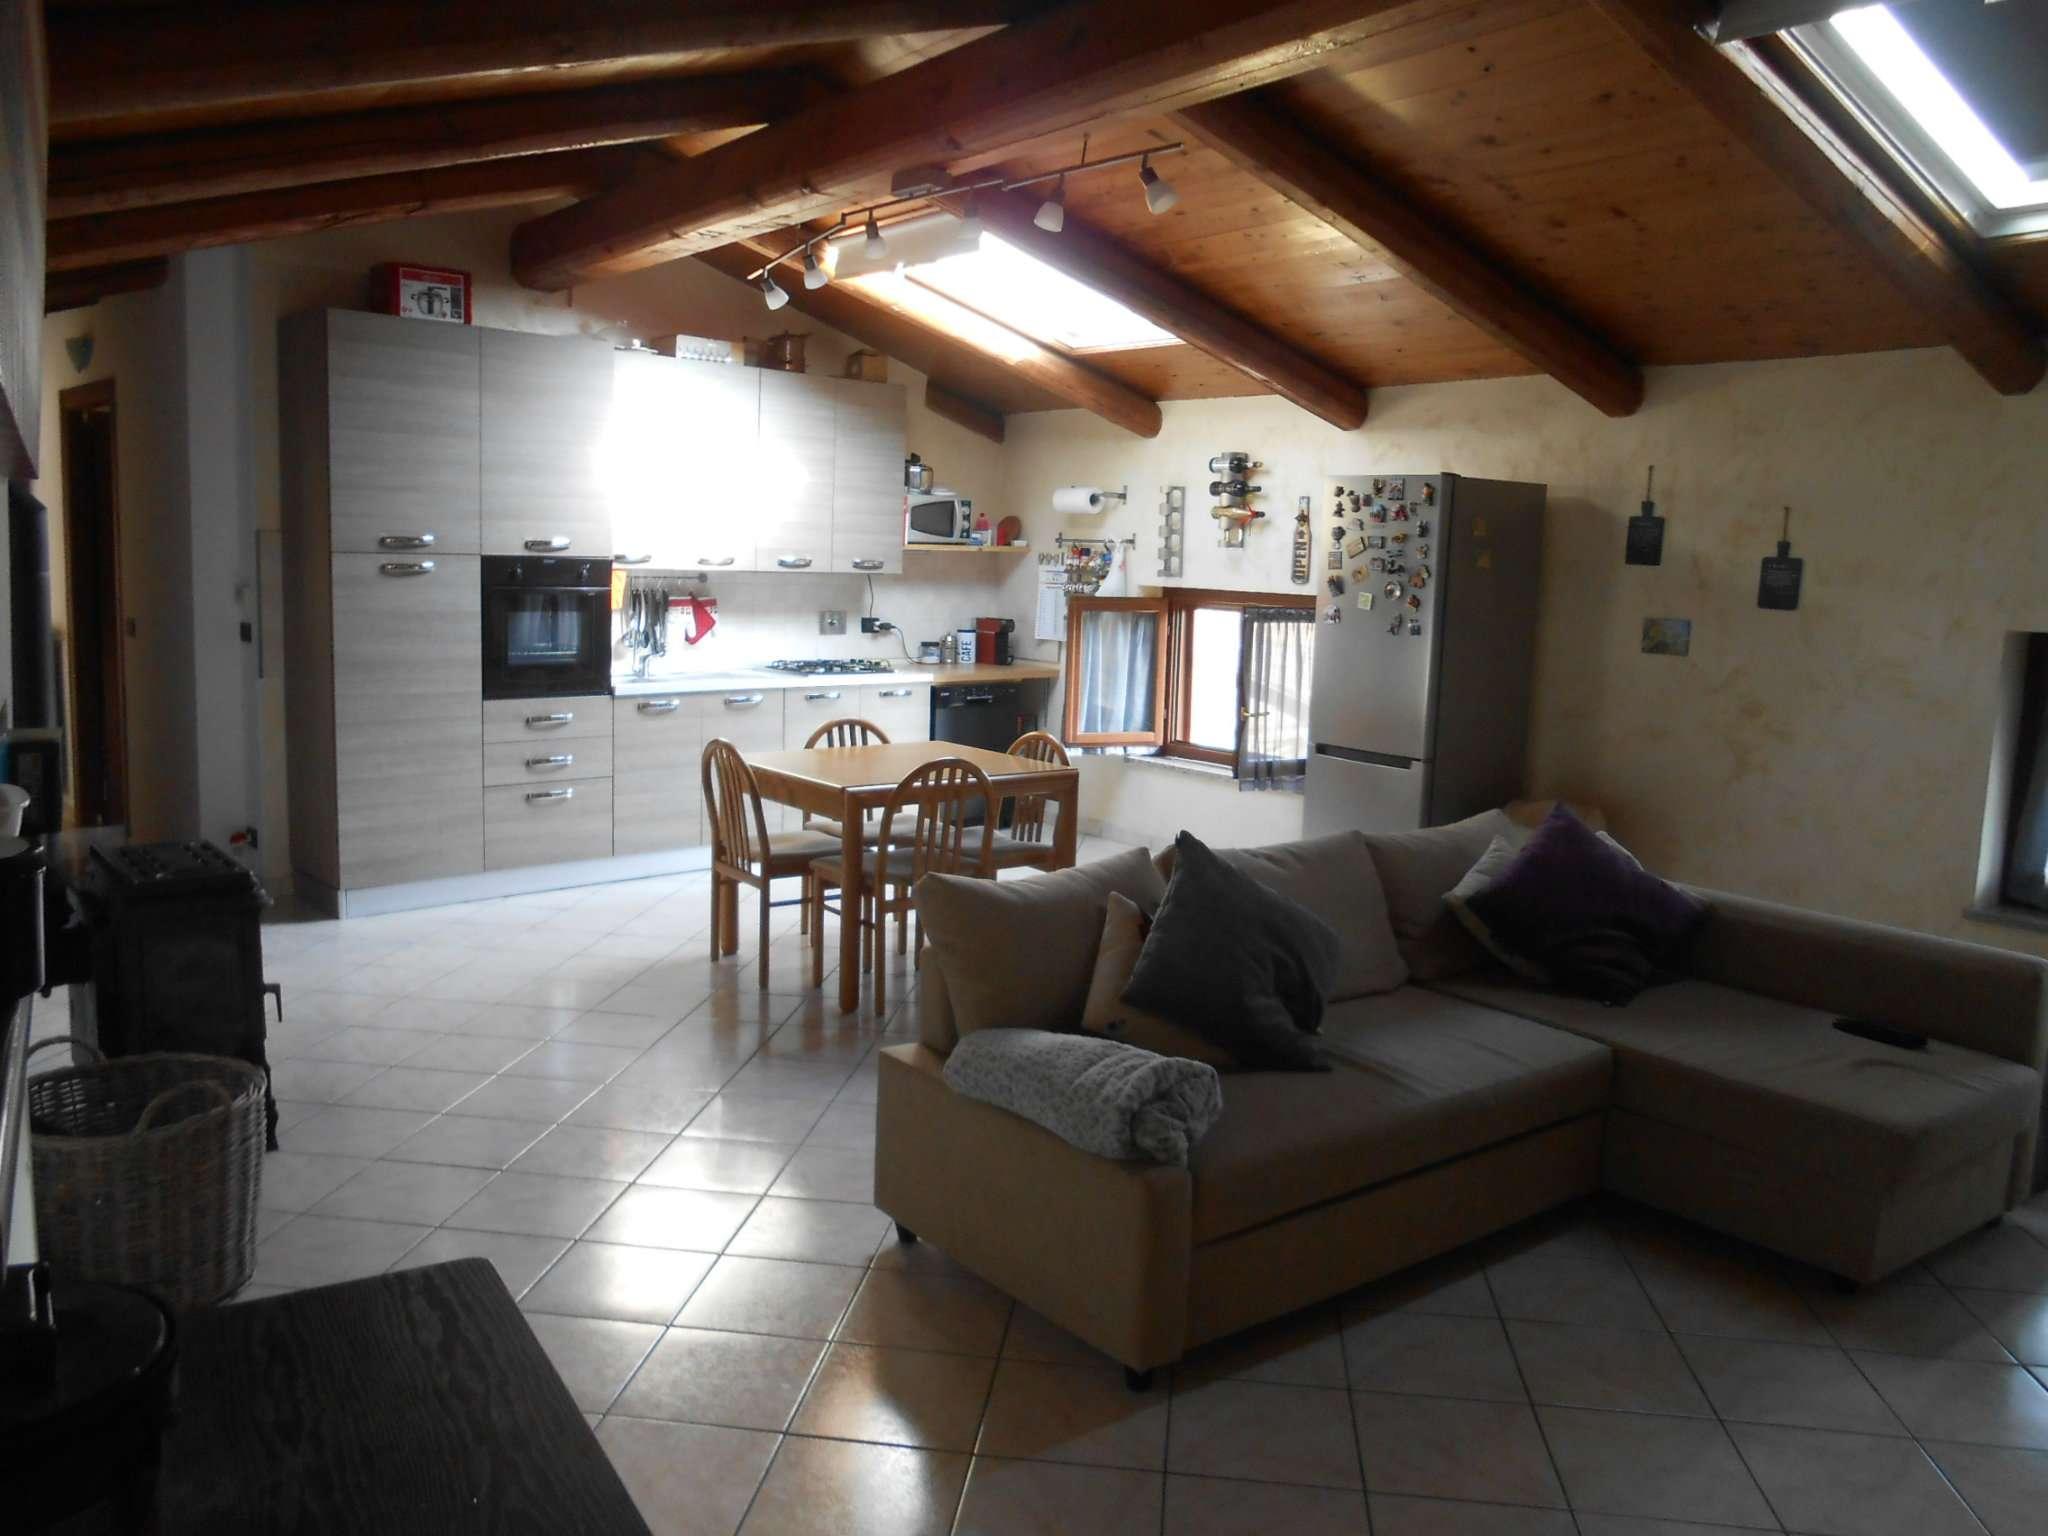 CASTELNUOVO D.B. - attico open space!